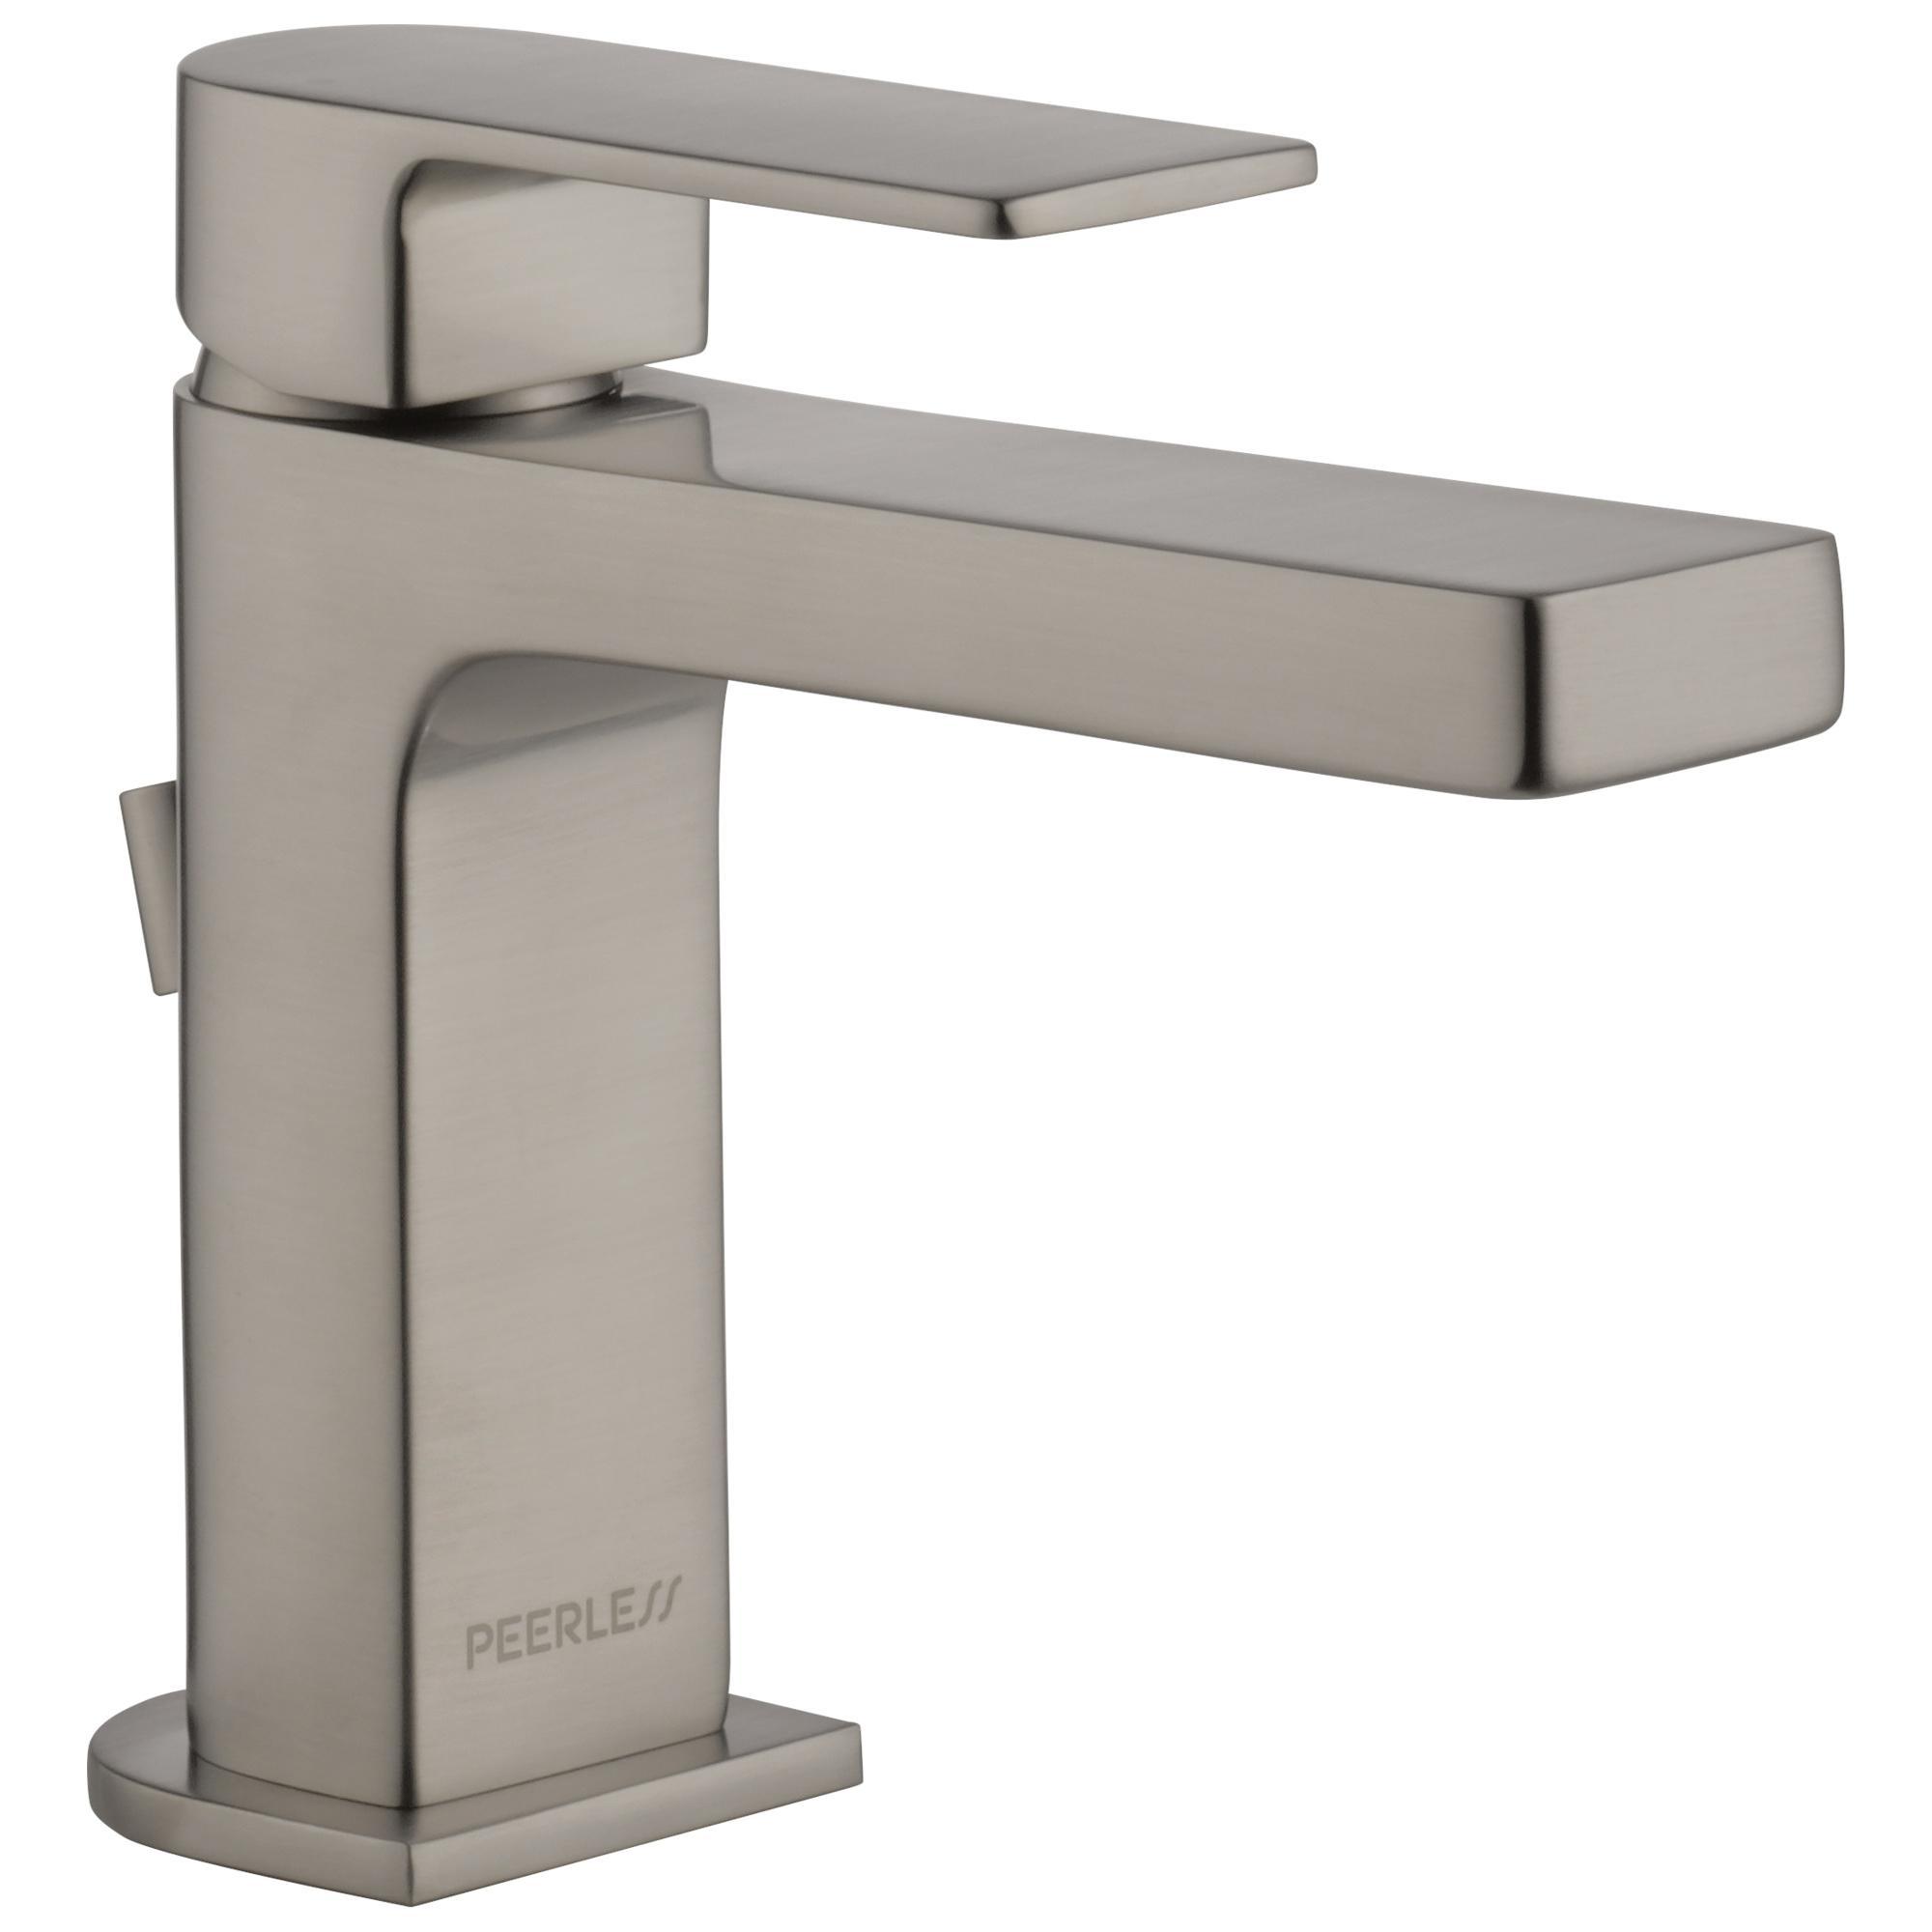 Peerless® P1519LF-BN Bathroom Faucet, Xander™, Brushed Nickel, 1 Handles, 50/50 Pop-Up Drain, 1 gpm